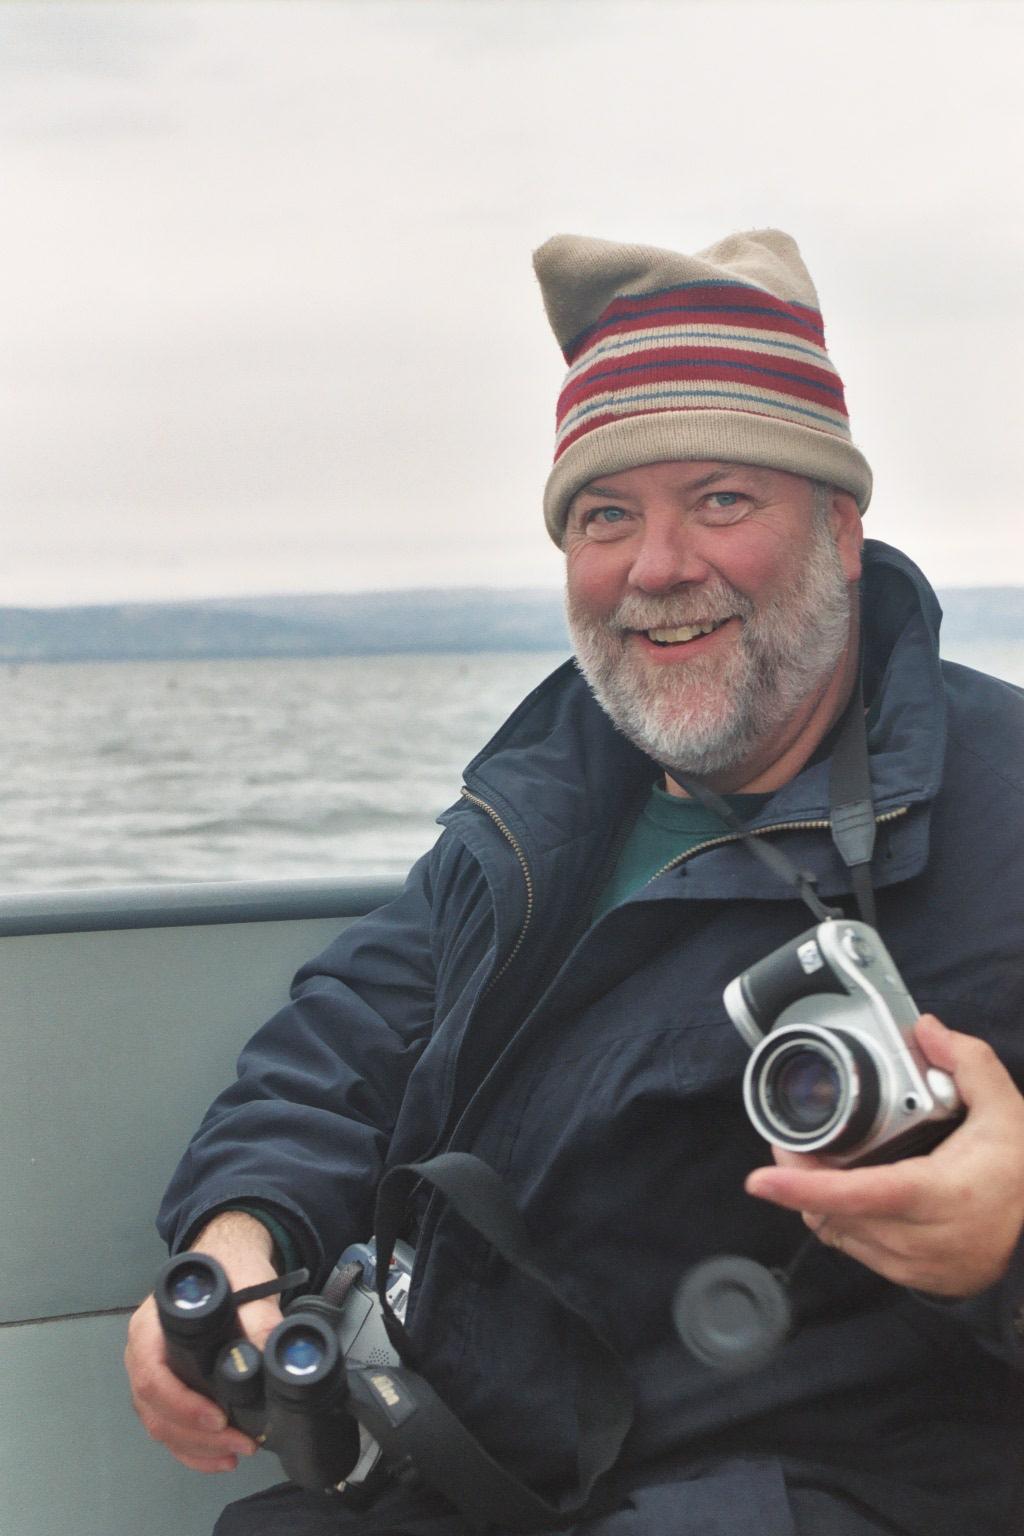 Jim Lyons Kingsport Pornografie 2010